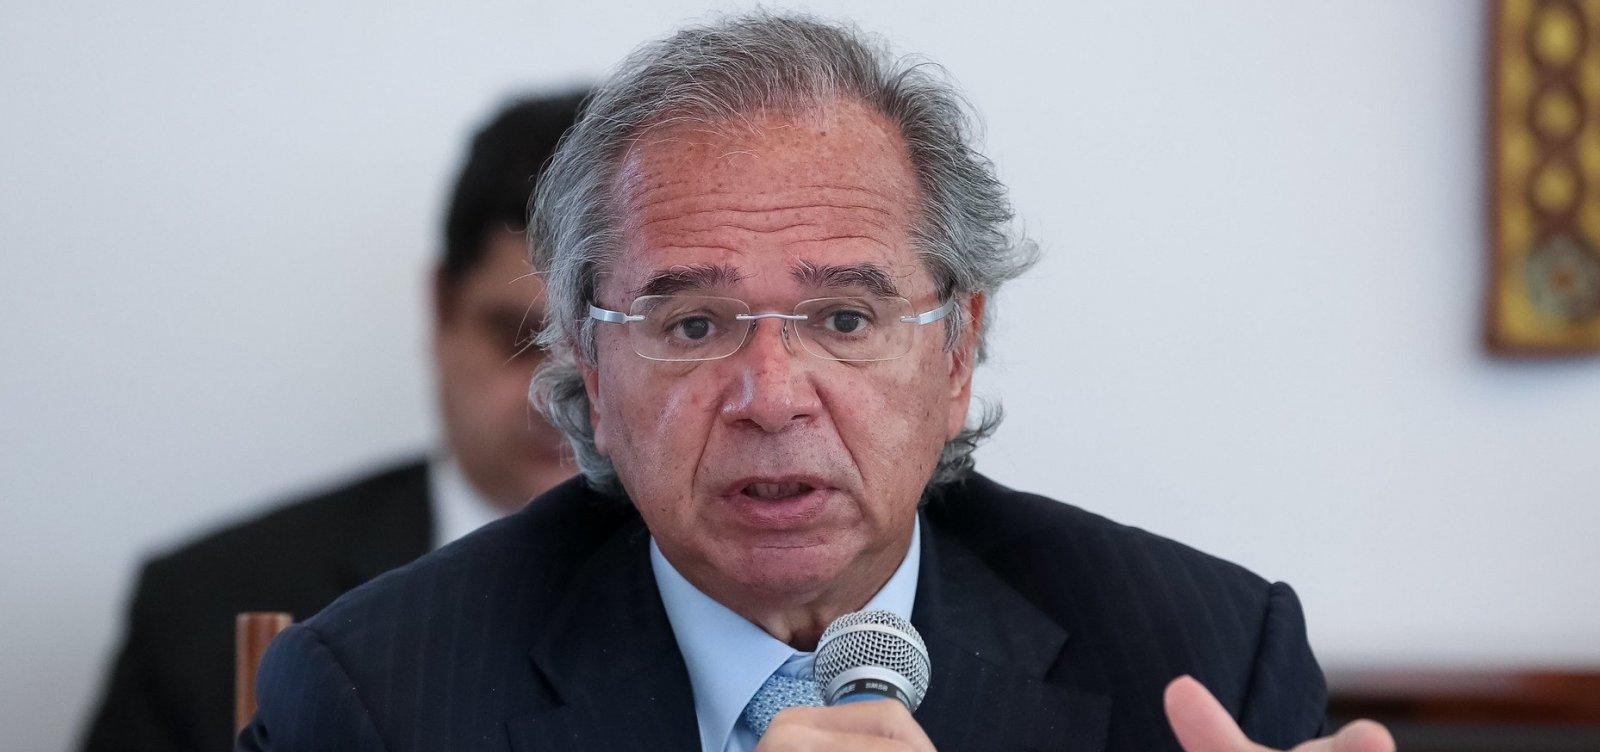 [Governo Bolsonaro quer cortar alíquota máxima de IR para 23% a 25% e acabar com deduções médicas]